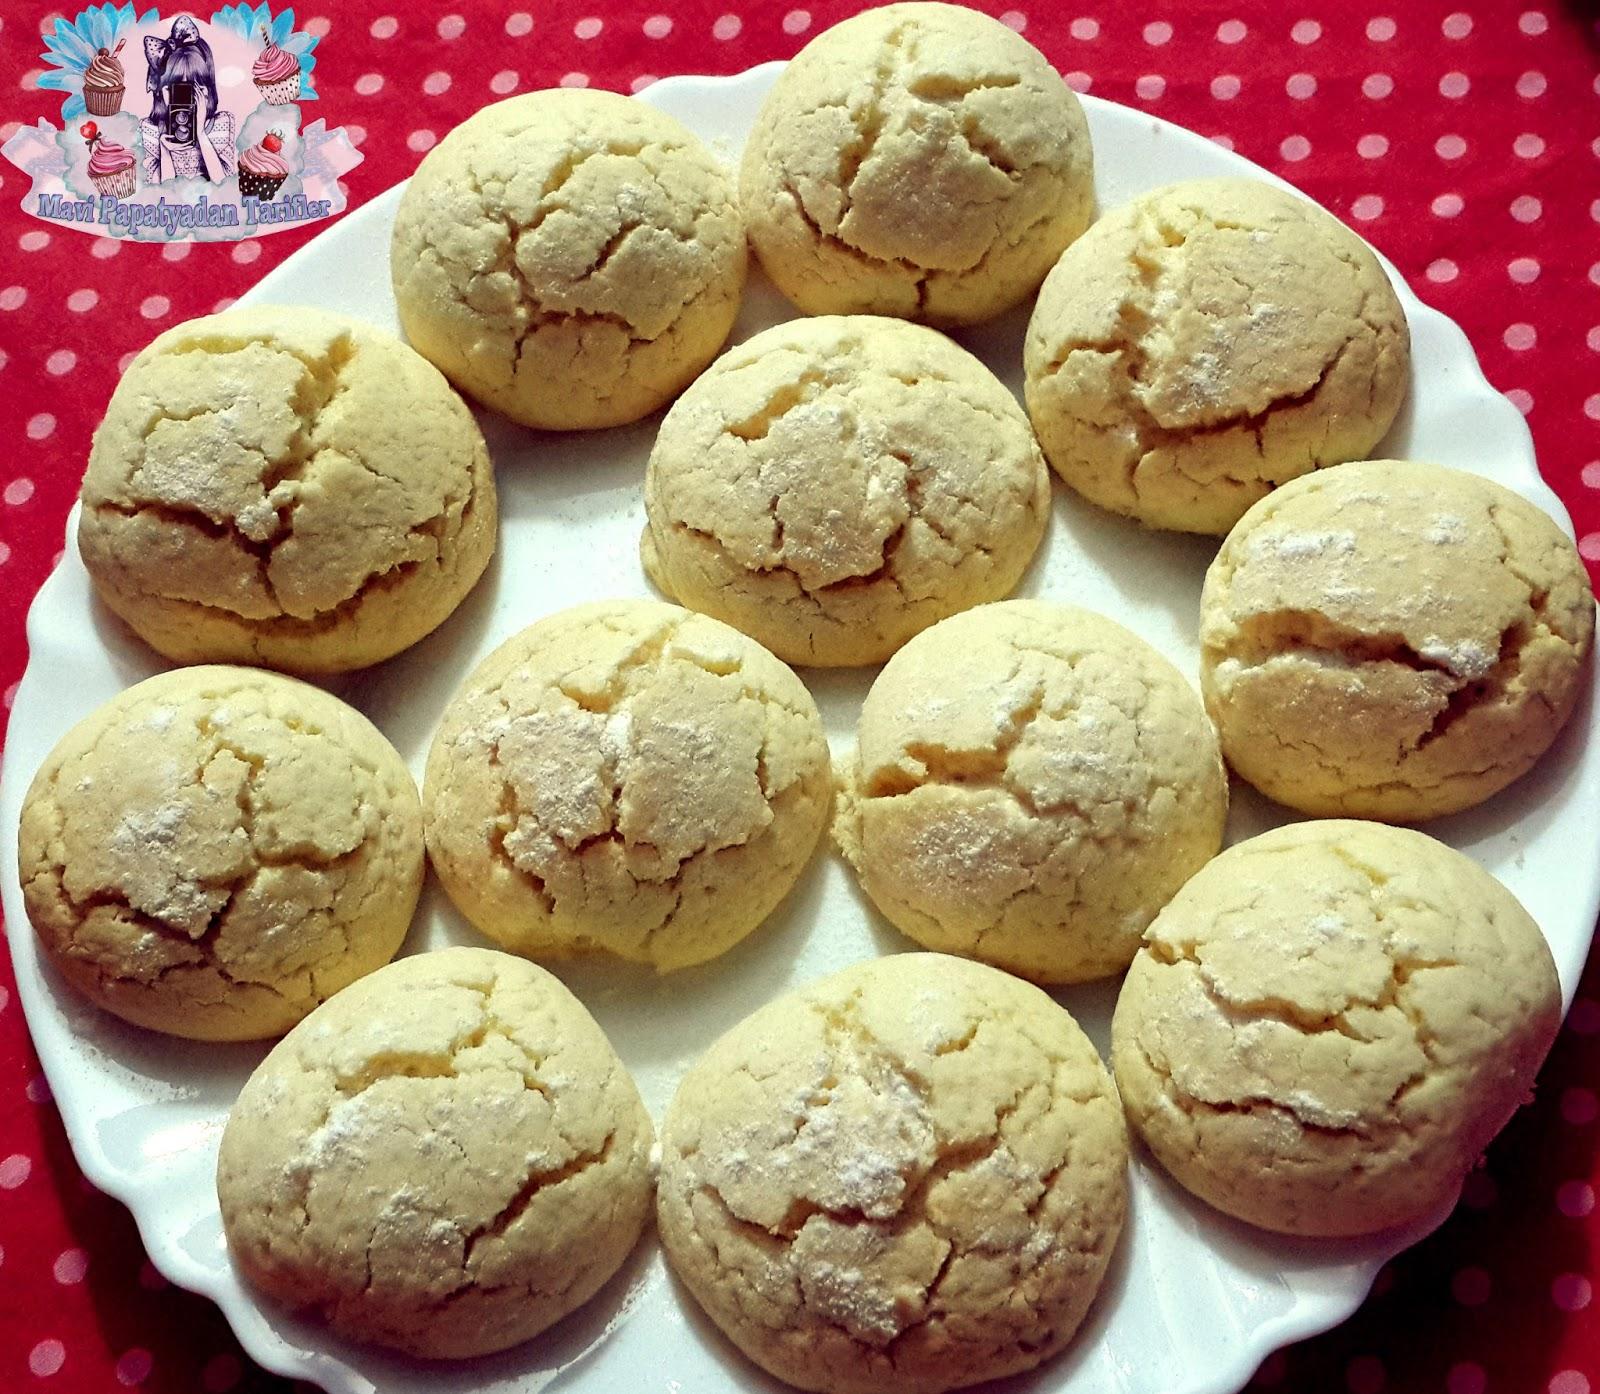 Çatal kurabiye cahide jibek ile Etiketlenen Konular 32